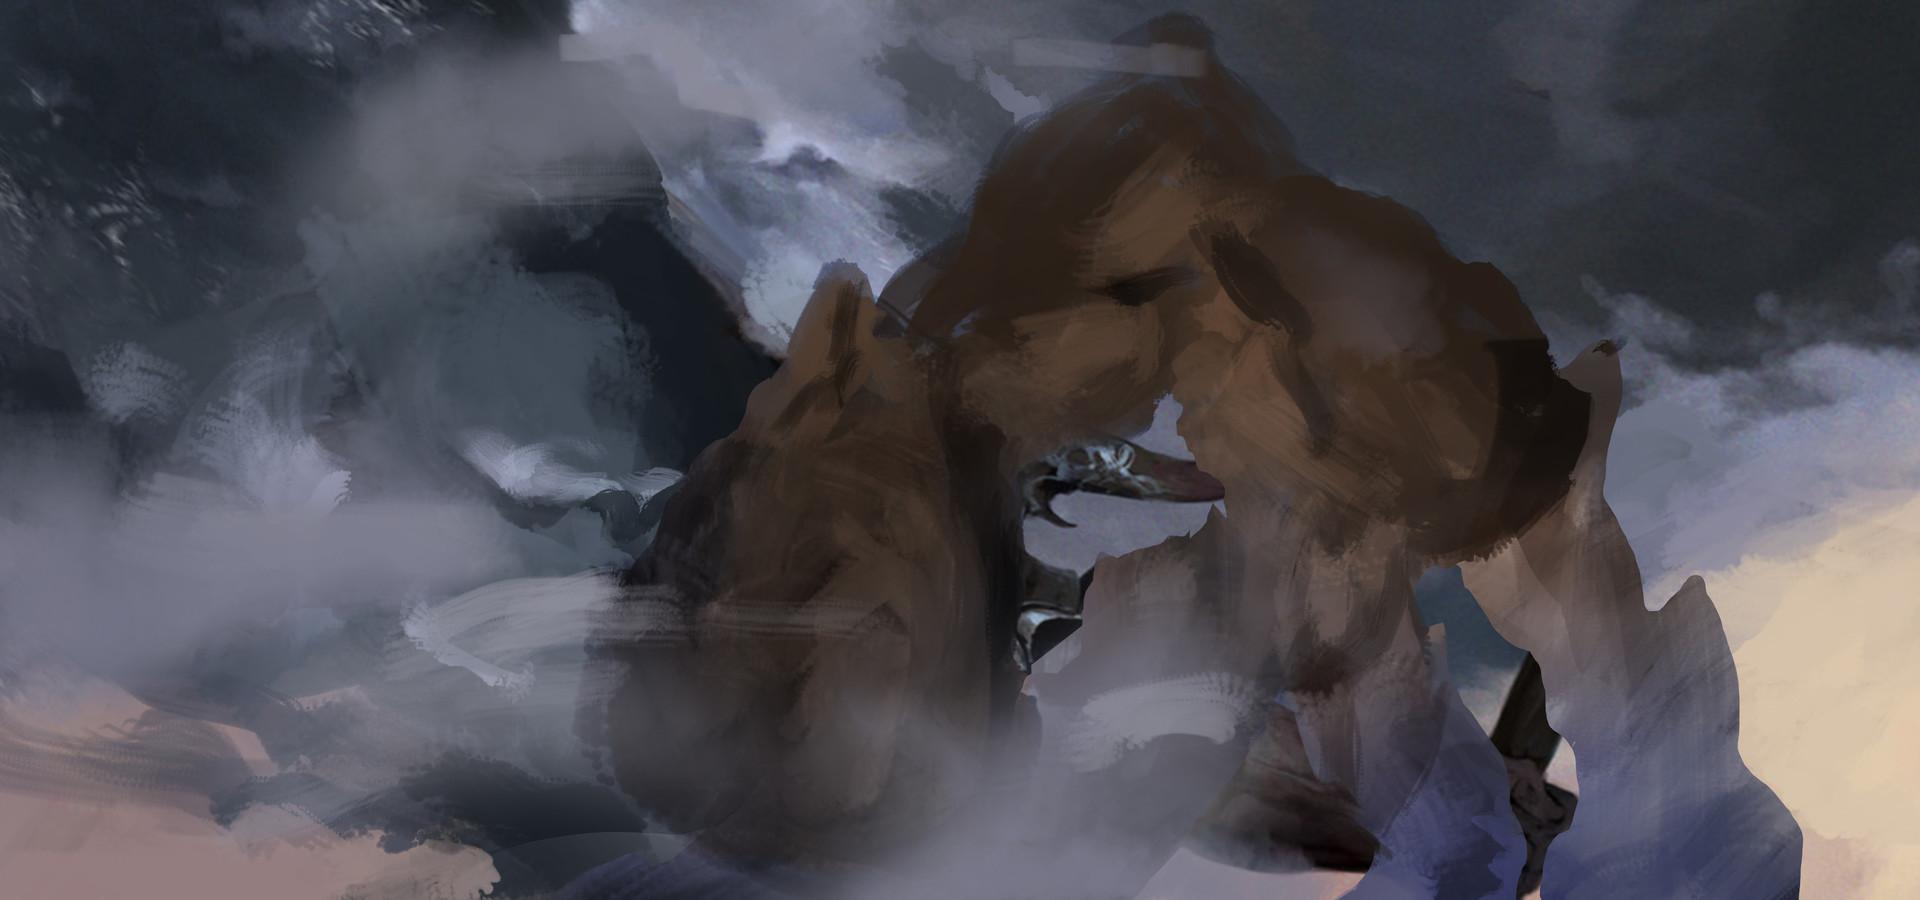 Caio santos titan dragon 4